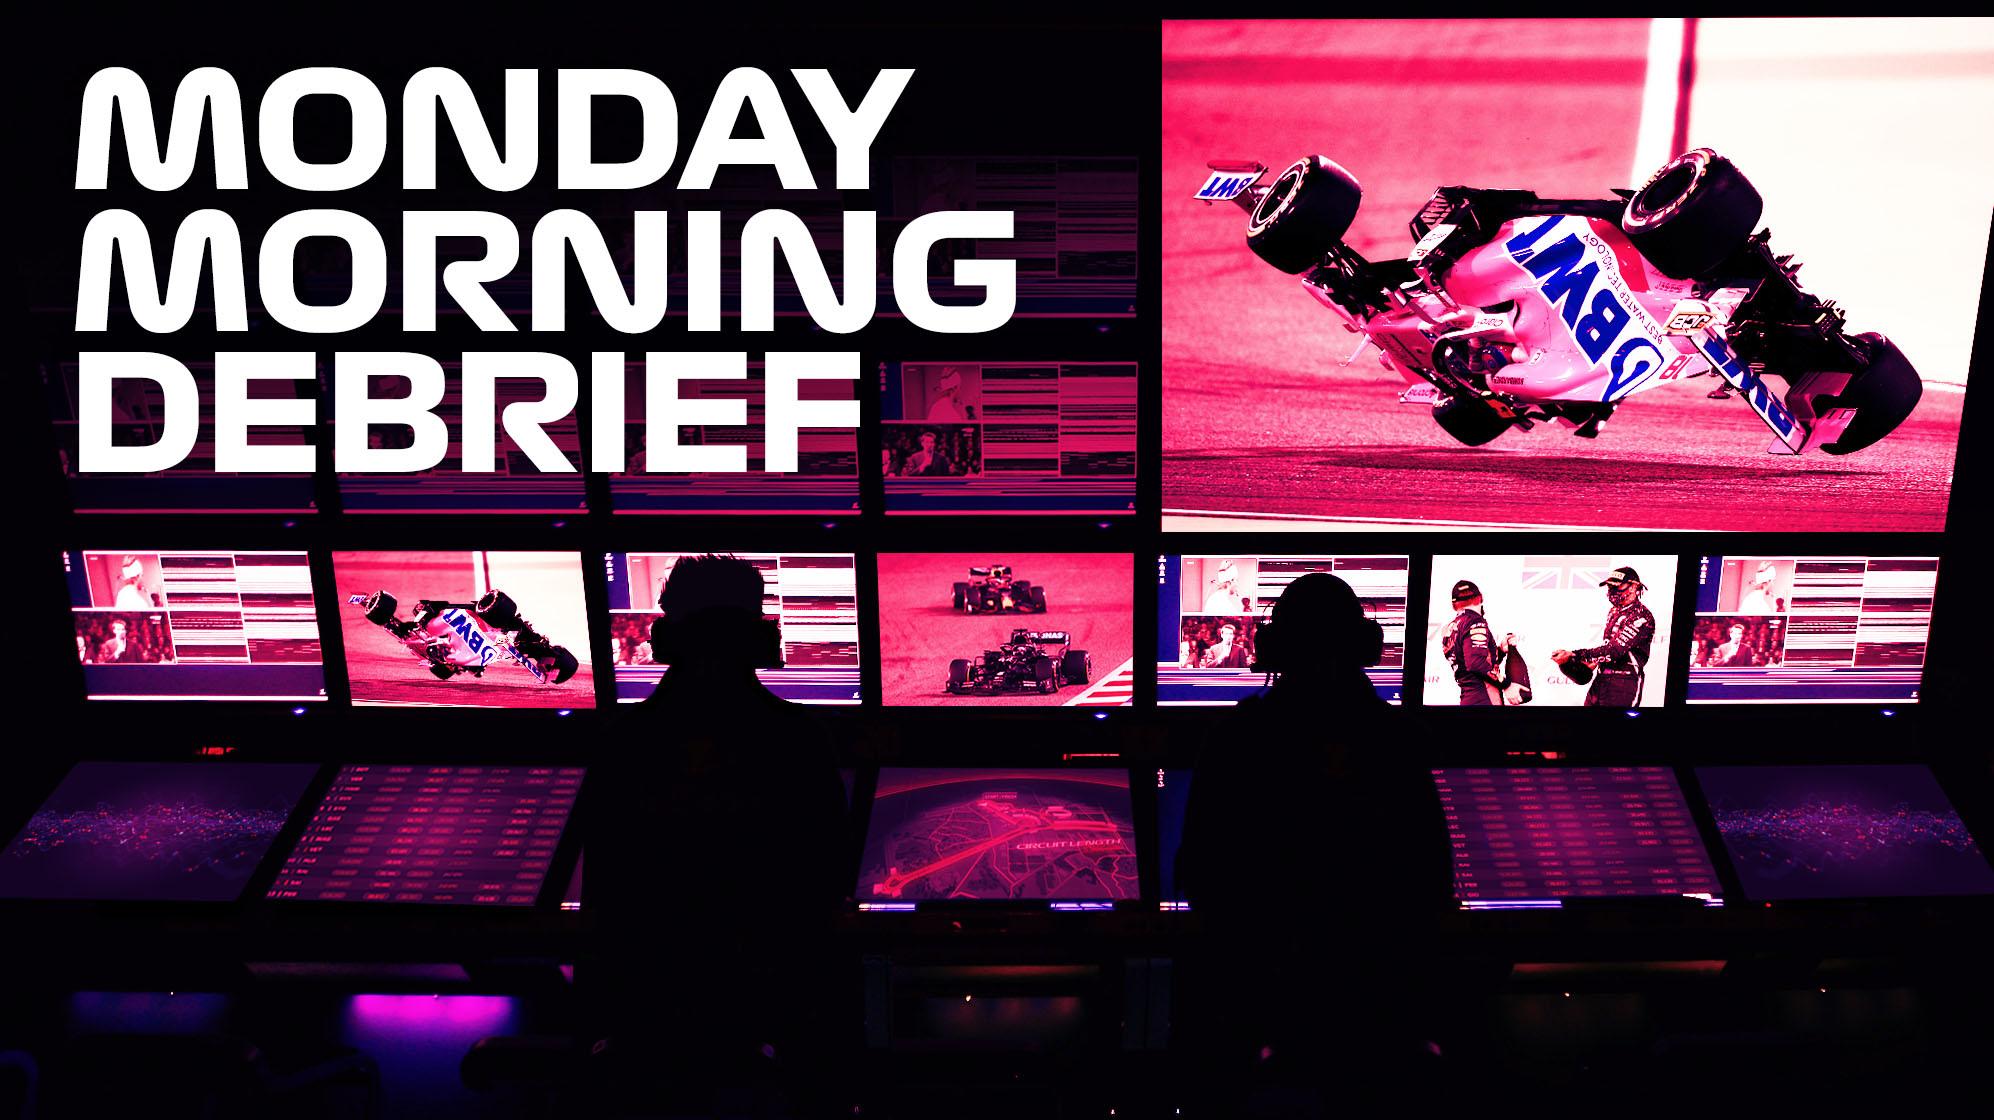 Monday Morning Debrief.jpg